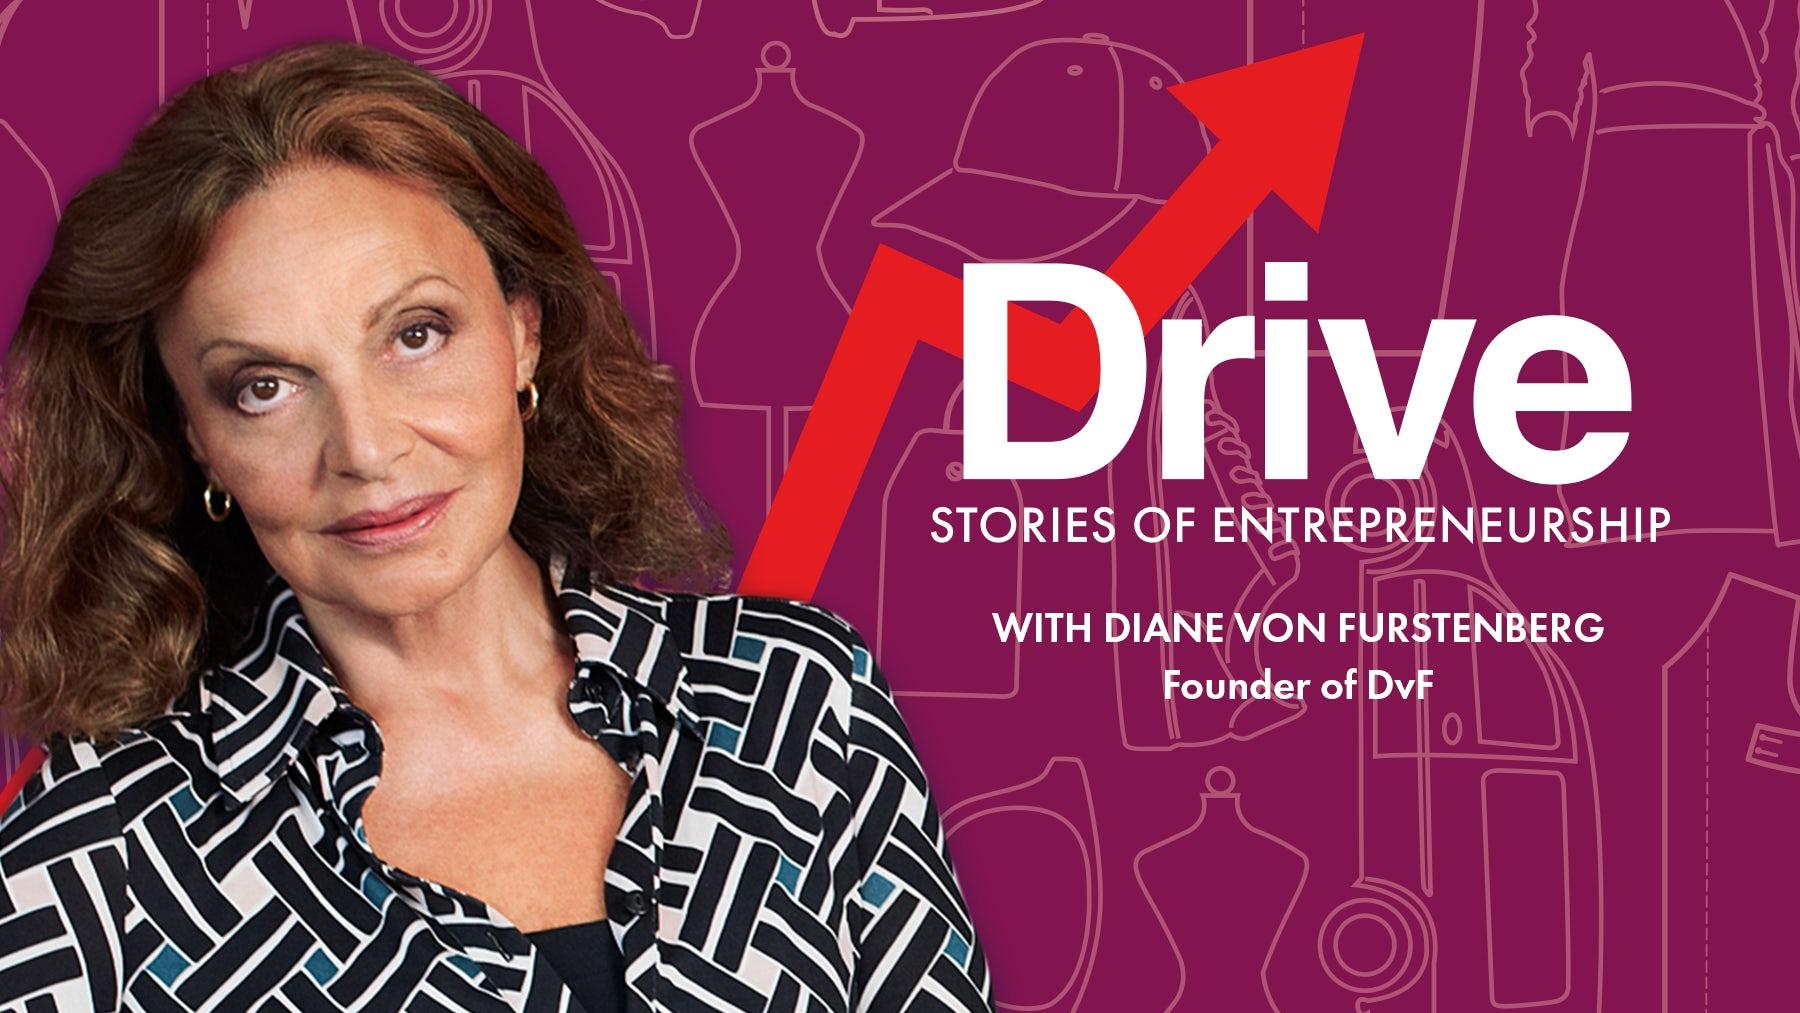 Drive Episode 2: Diane von Furstenberg on Building a Business in a Man's World